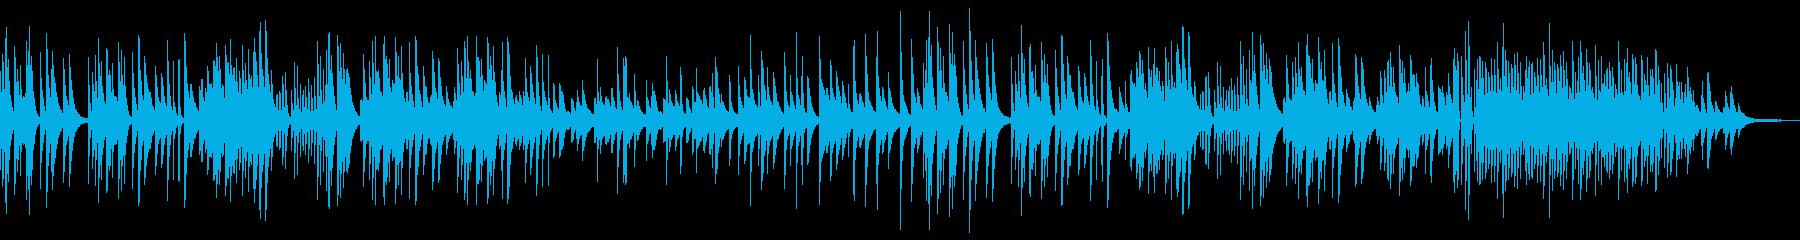 穏やかな寂しさのピアノBGMの再生済みの波形